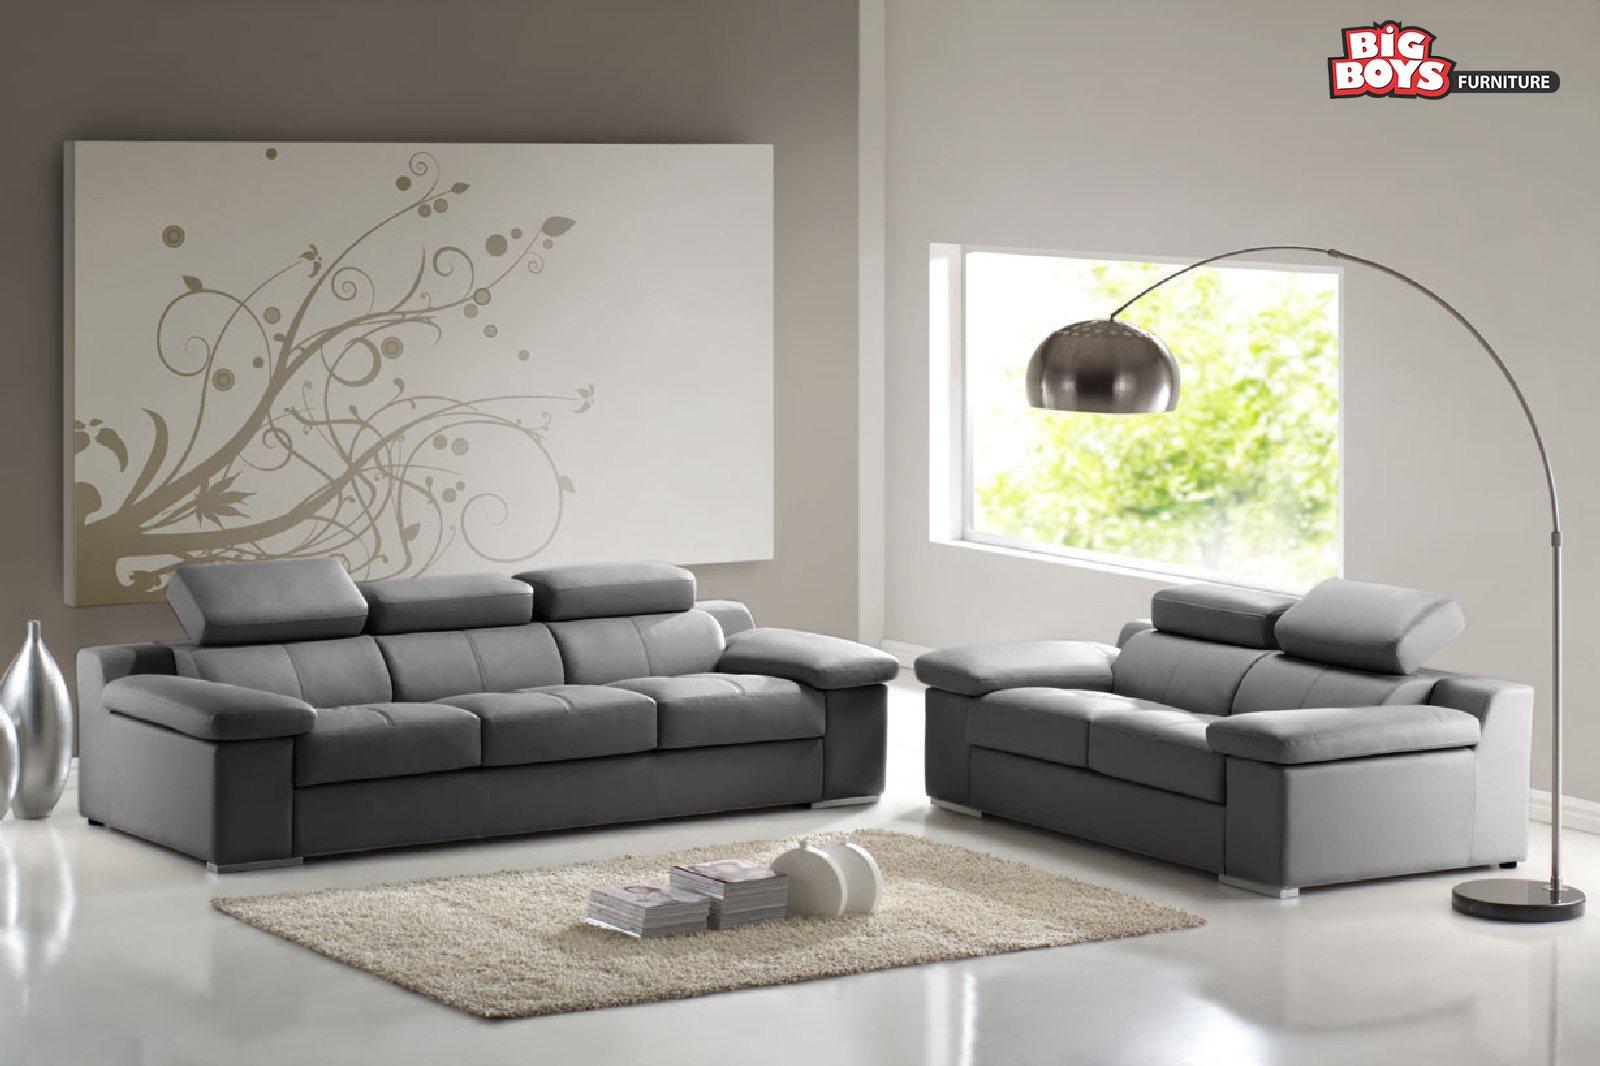 Sofa Set -Big-Boys-Furniture-Delta